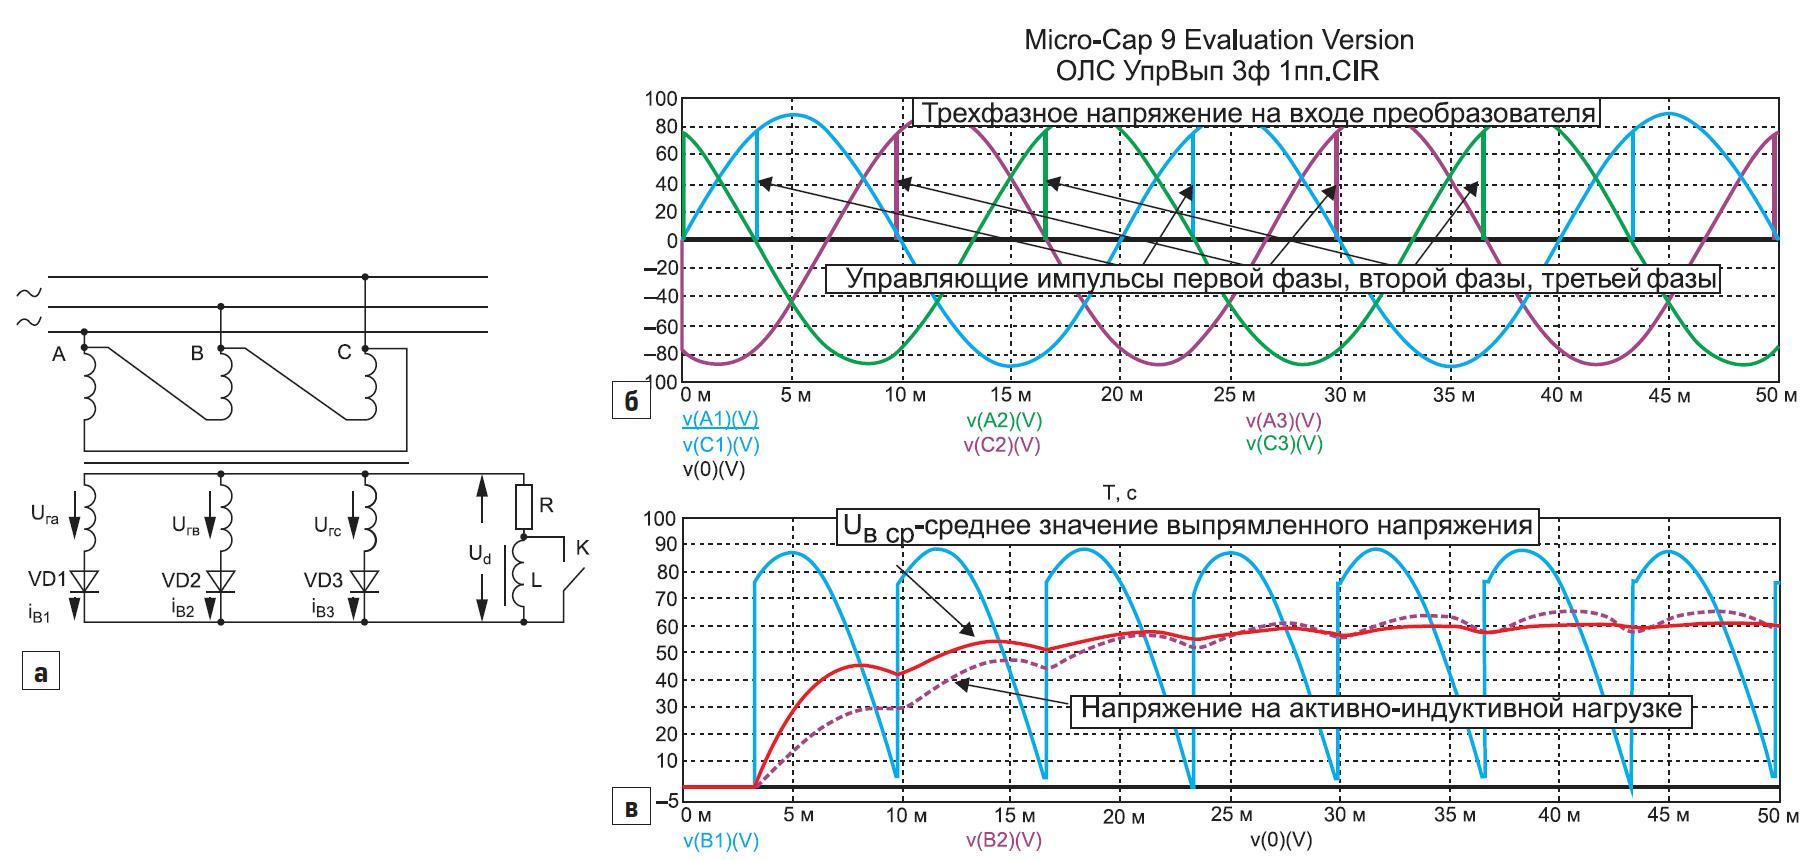 Схема трехфазного, однополупериодного ТП с активно-индуктивной нагрузкой